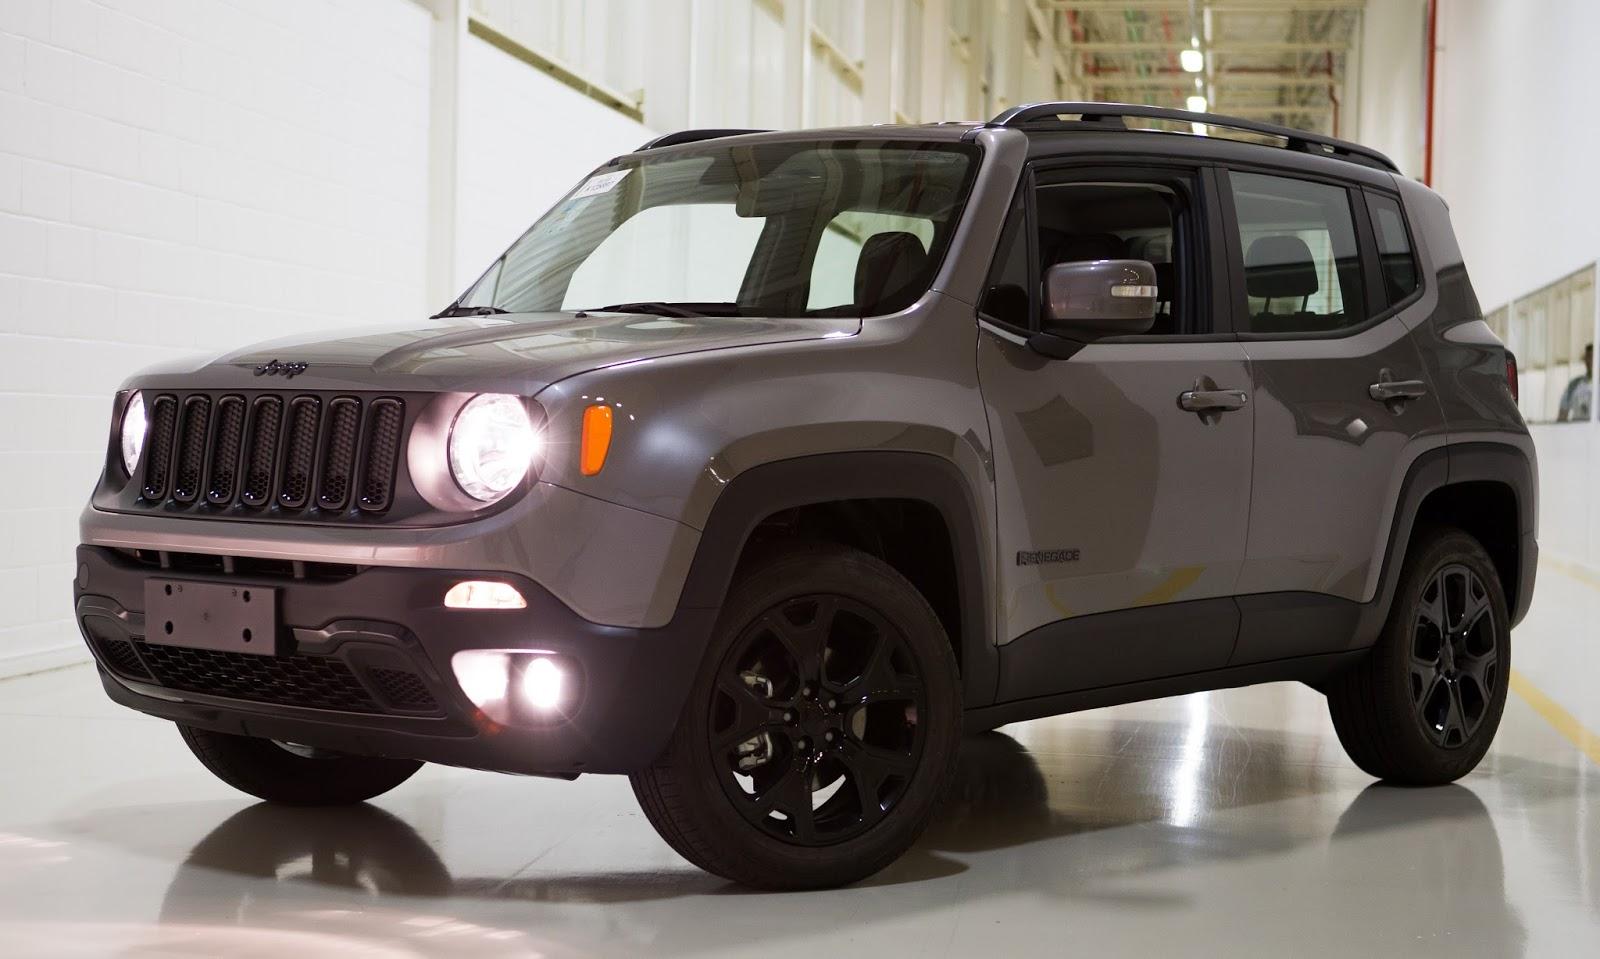 jeep renegade ganha novidades em vers es e equipamentos na linha 2018. Black Bedroom Furniture Sets. Home Design Ideas